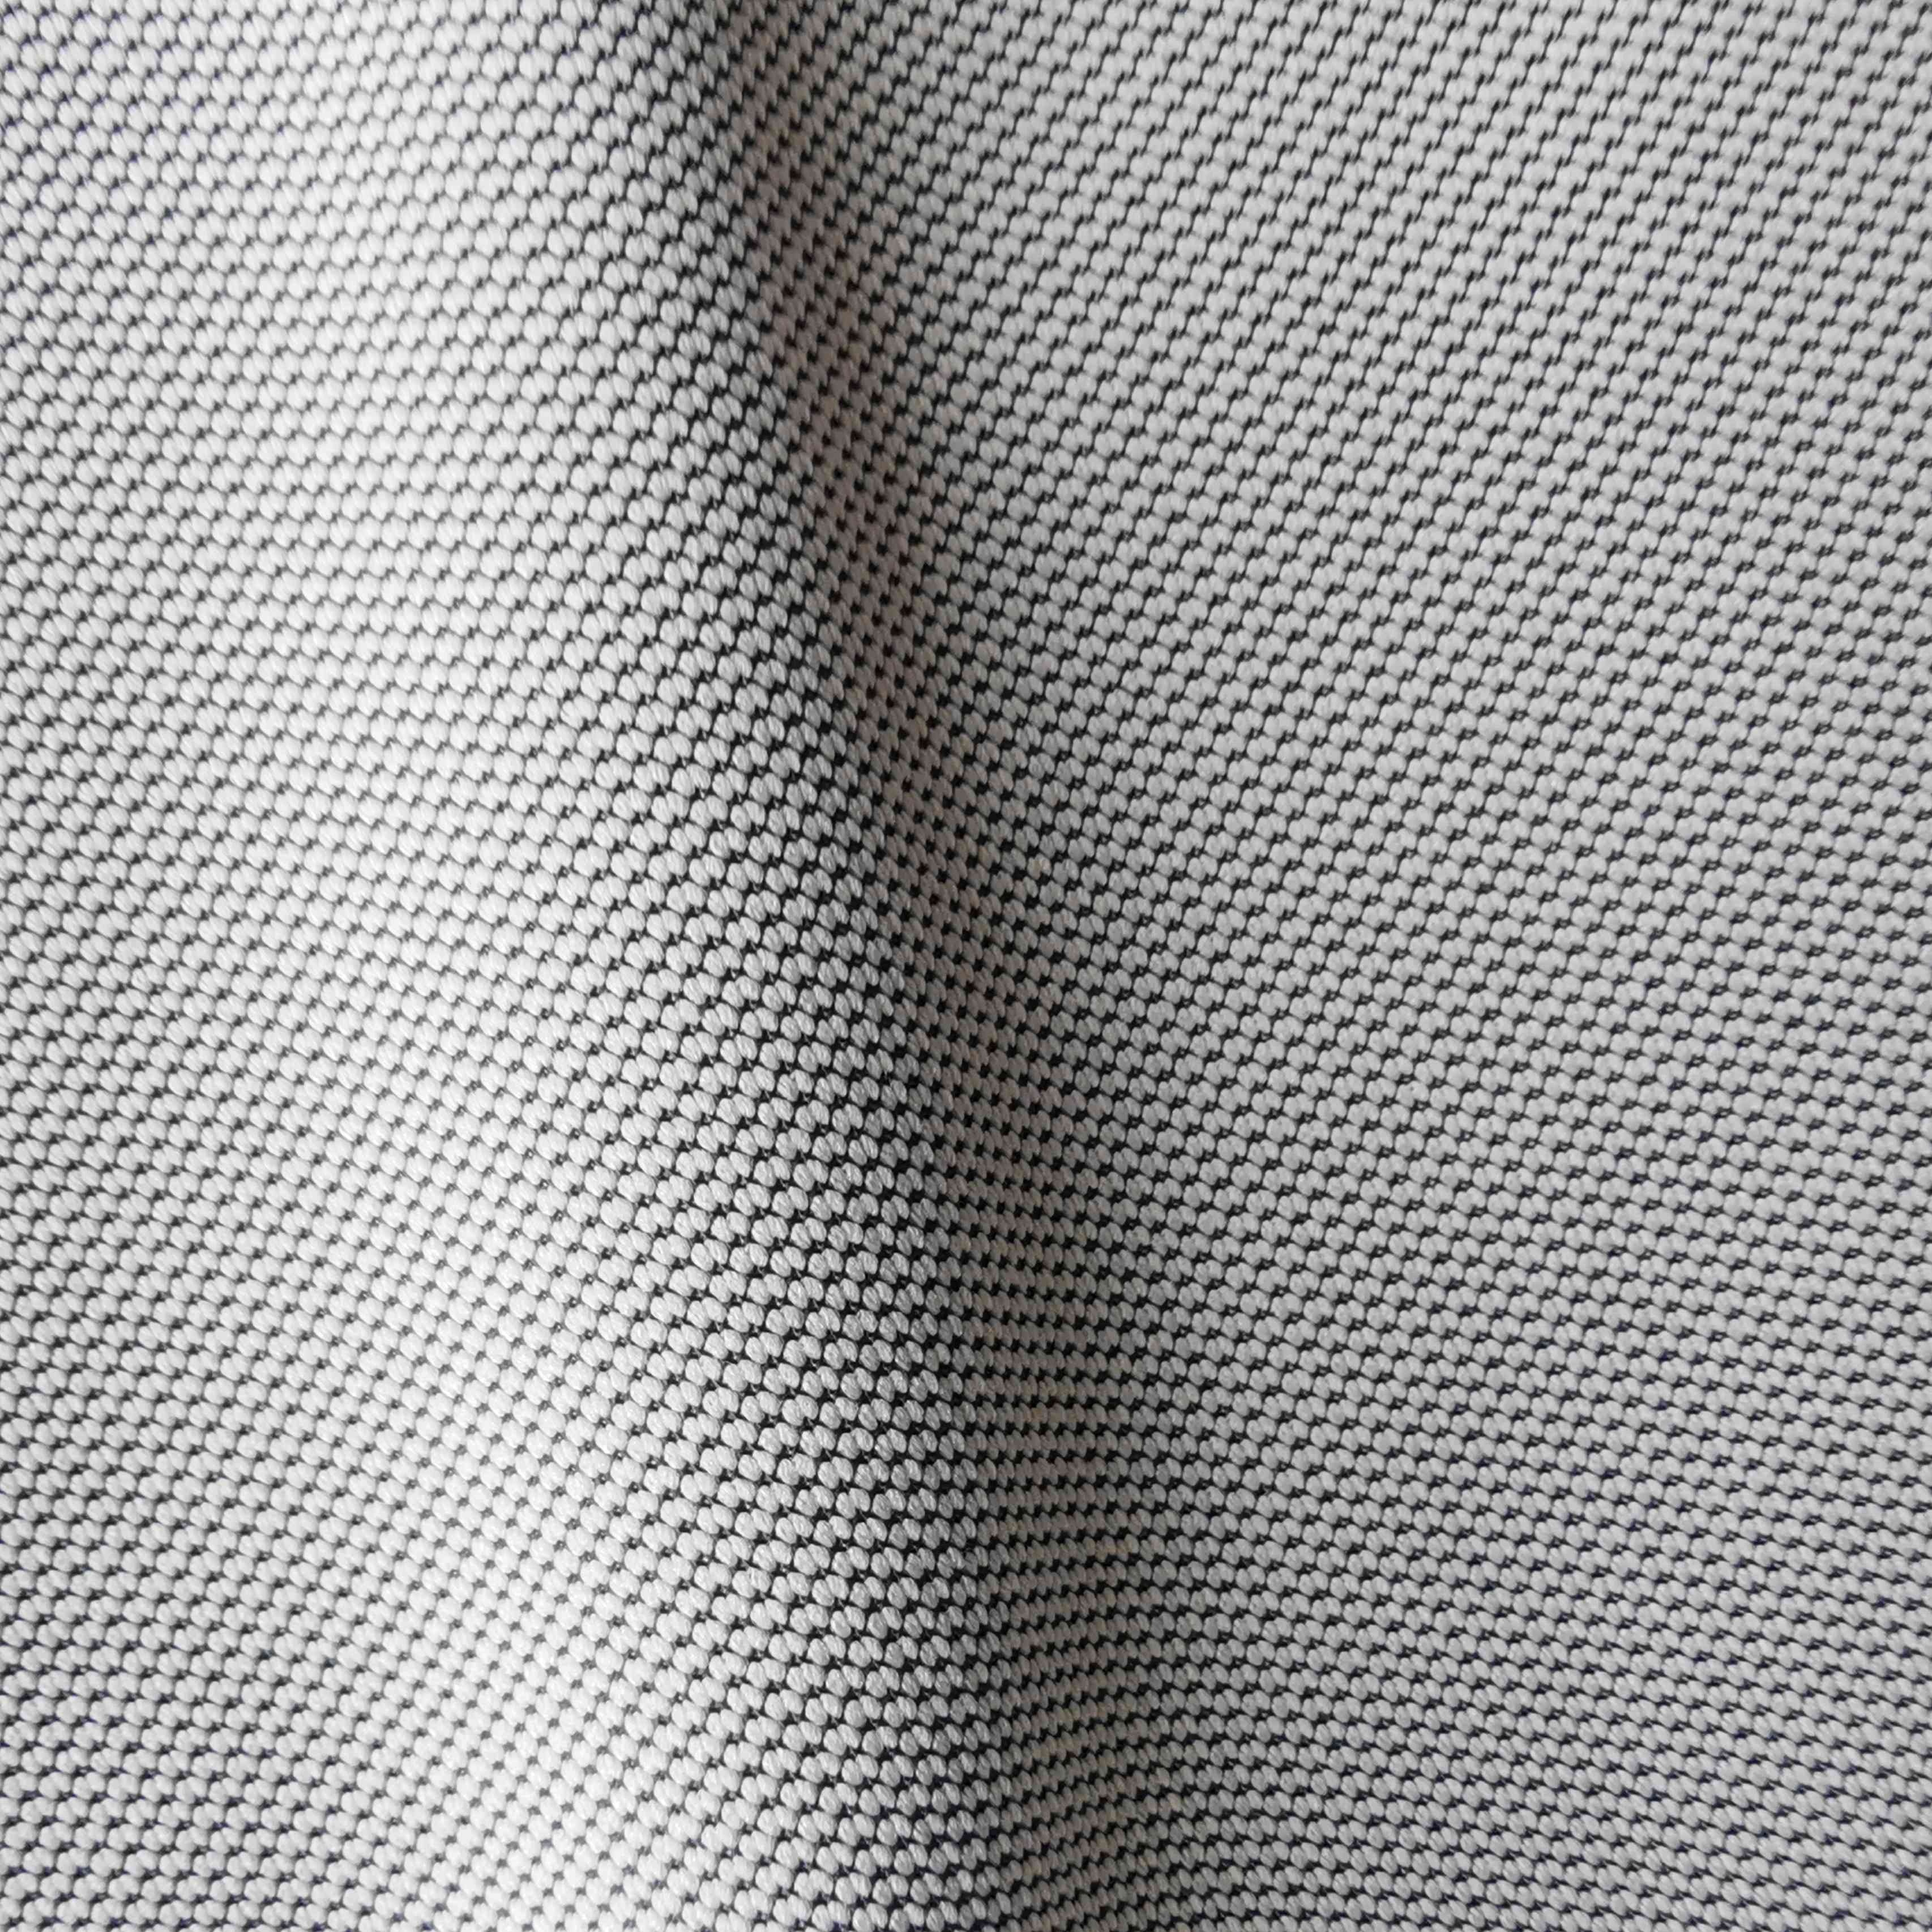 Горячая Распродажа жаккардовая потолочная ткань для автомобиля/ткань для автомобильной крыши/ткань для автомобильной подкладки с пеной